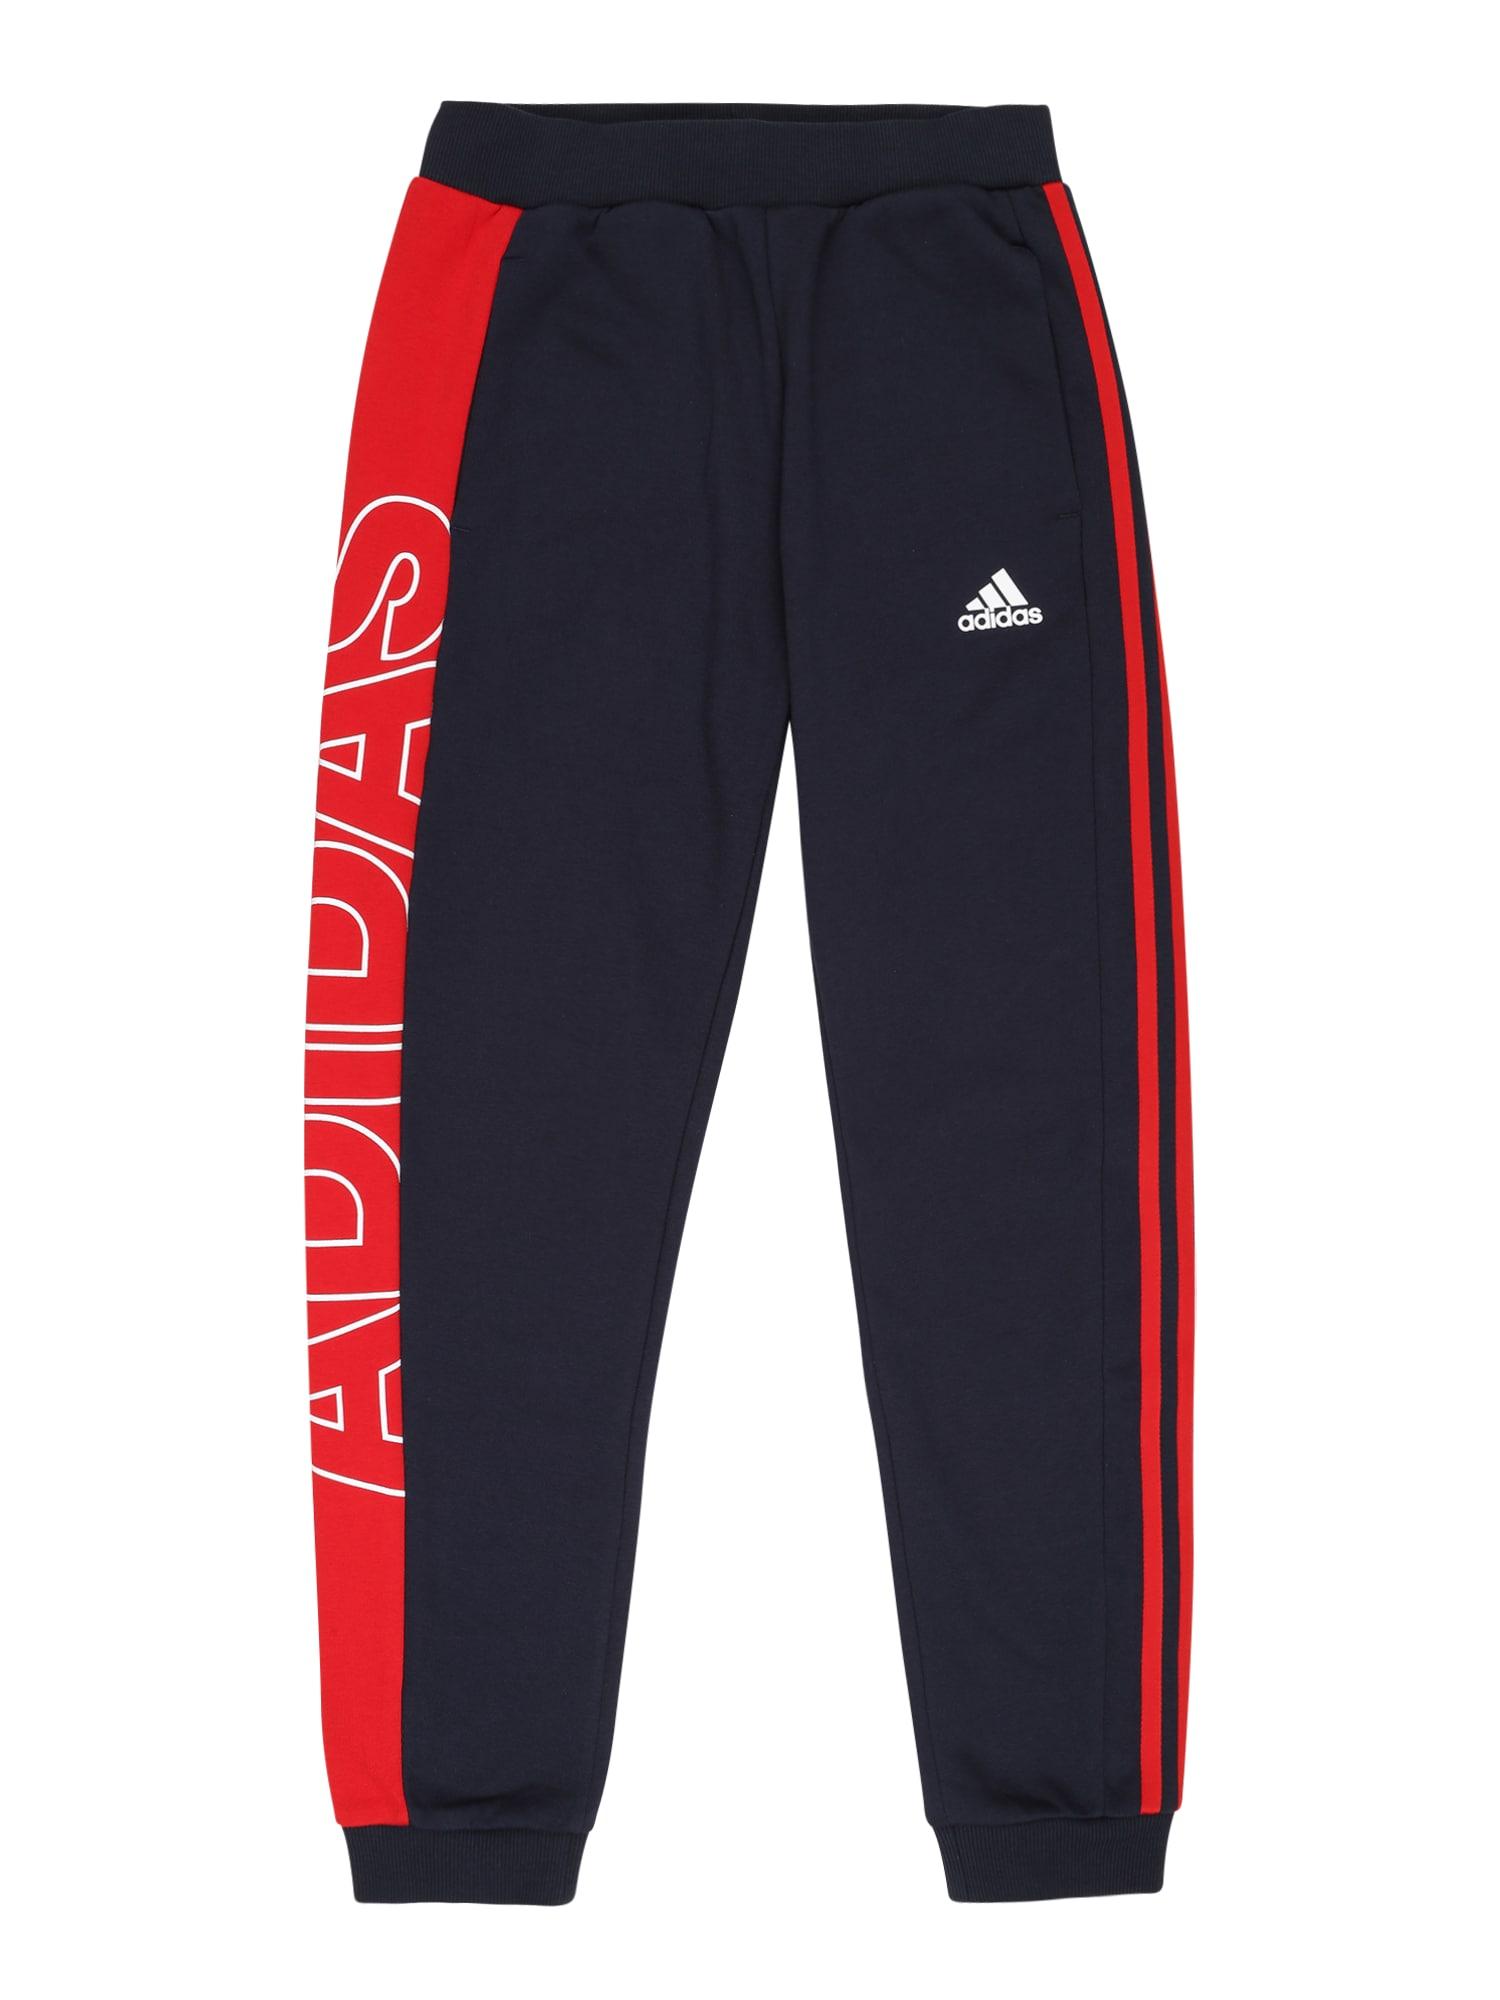 ADIDAS PERFORMANCE Sportovní kalhoty  námořnická modř / červená / bílá